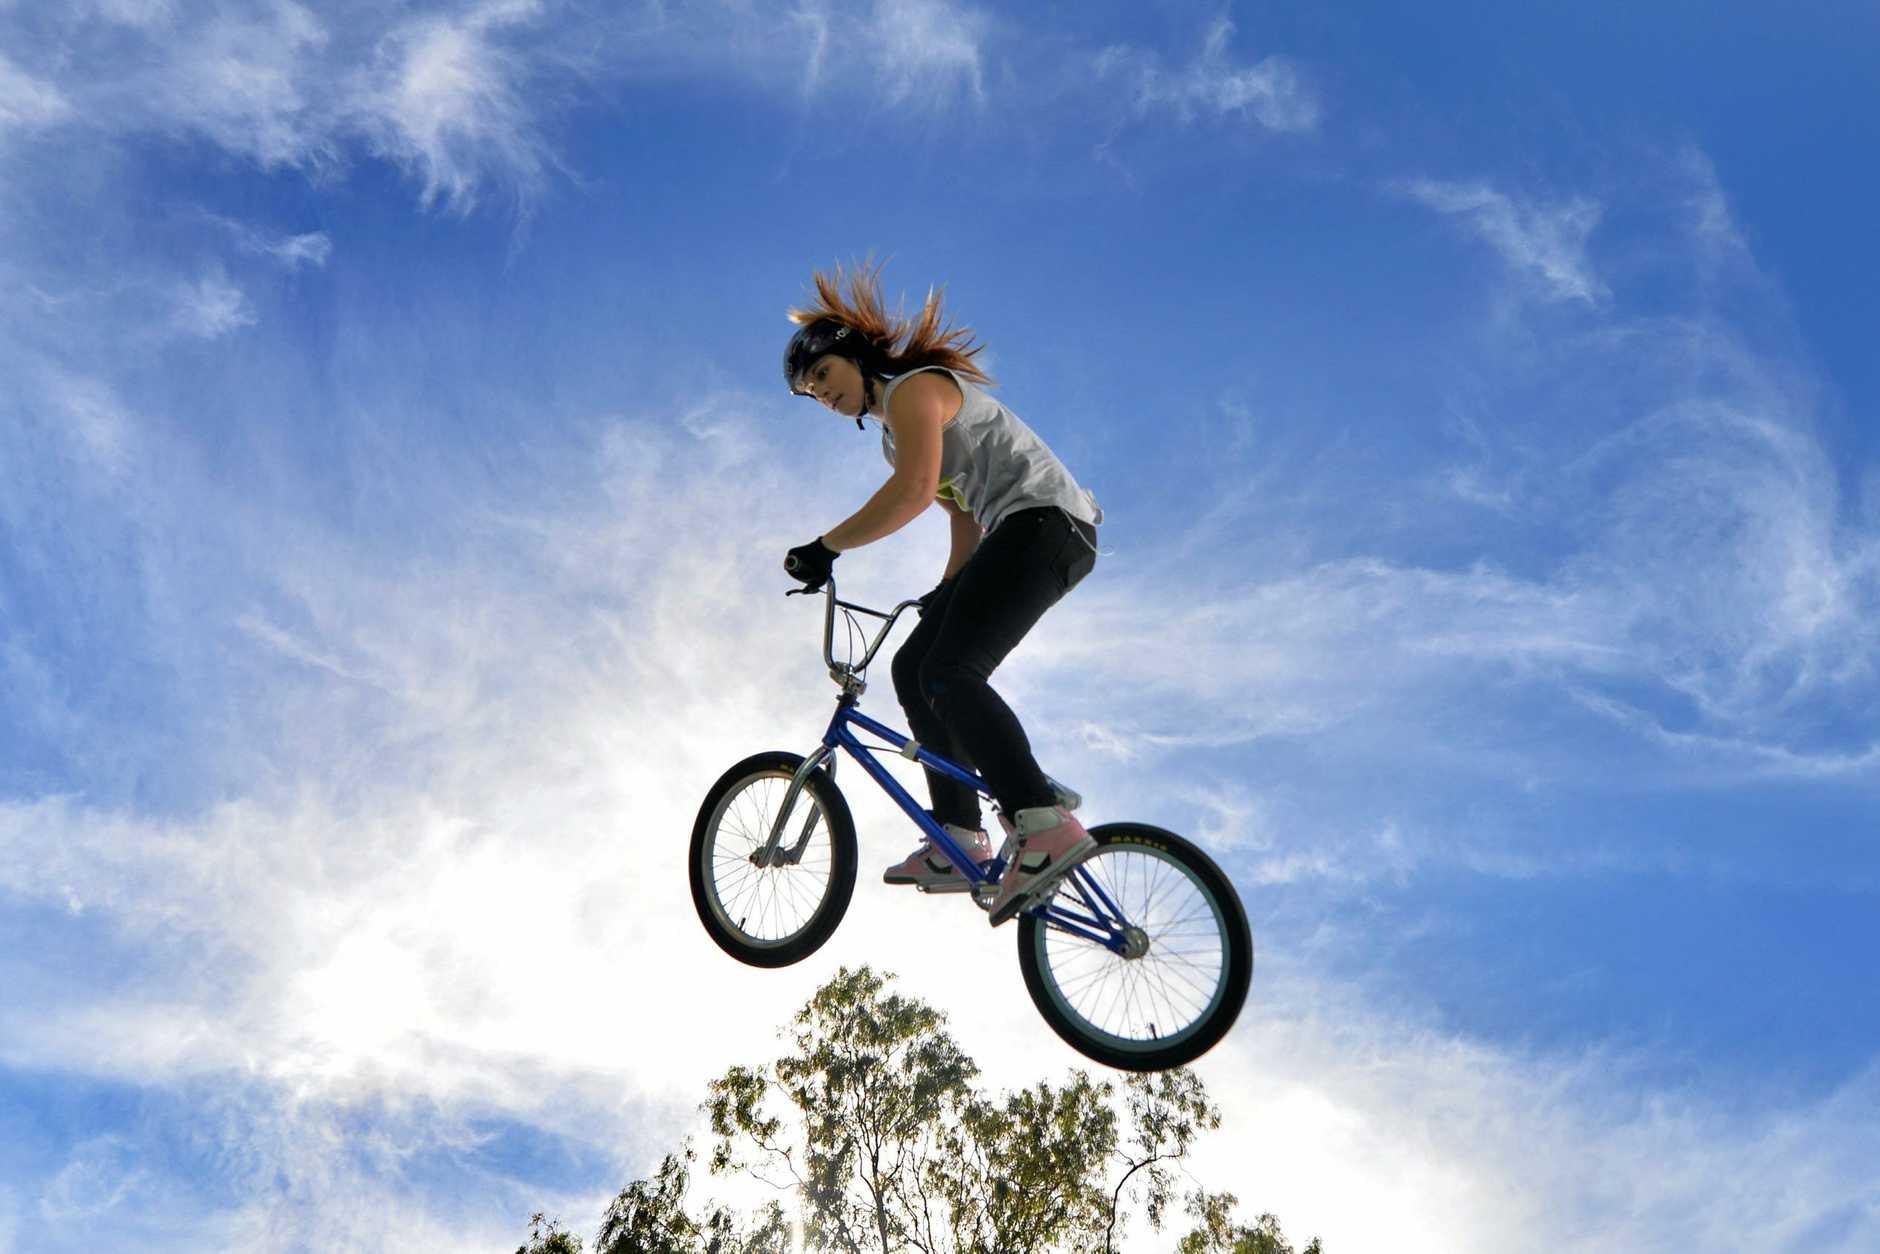 Natalya Diehm is reaching for the sky.